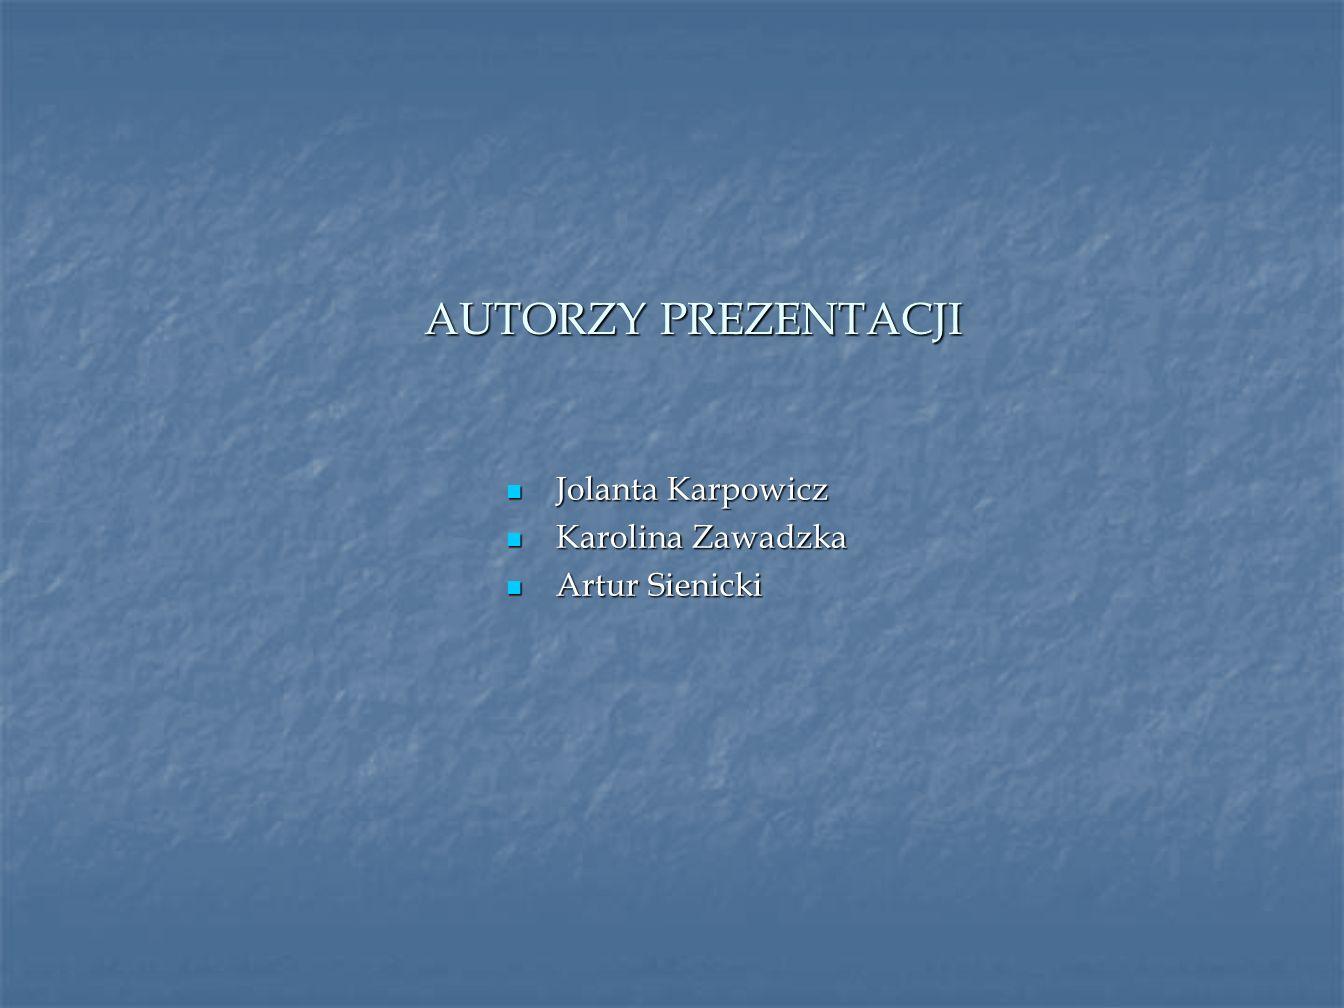 AUTORZY PREZENTACJI Jolanta Karpowicz Jolanta Karpowicz Karolina Zawadzka Karolina Zawadzka Artur Sienicki Artur Sienicki